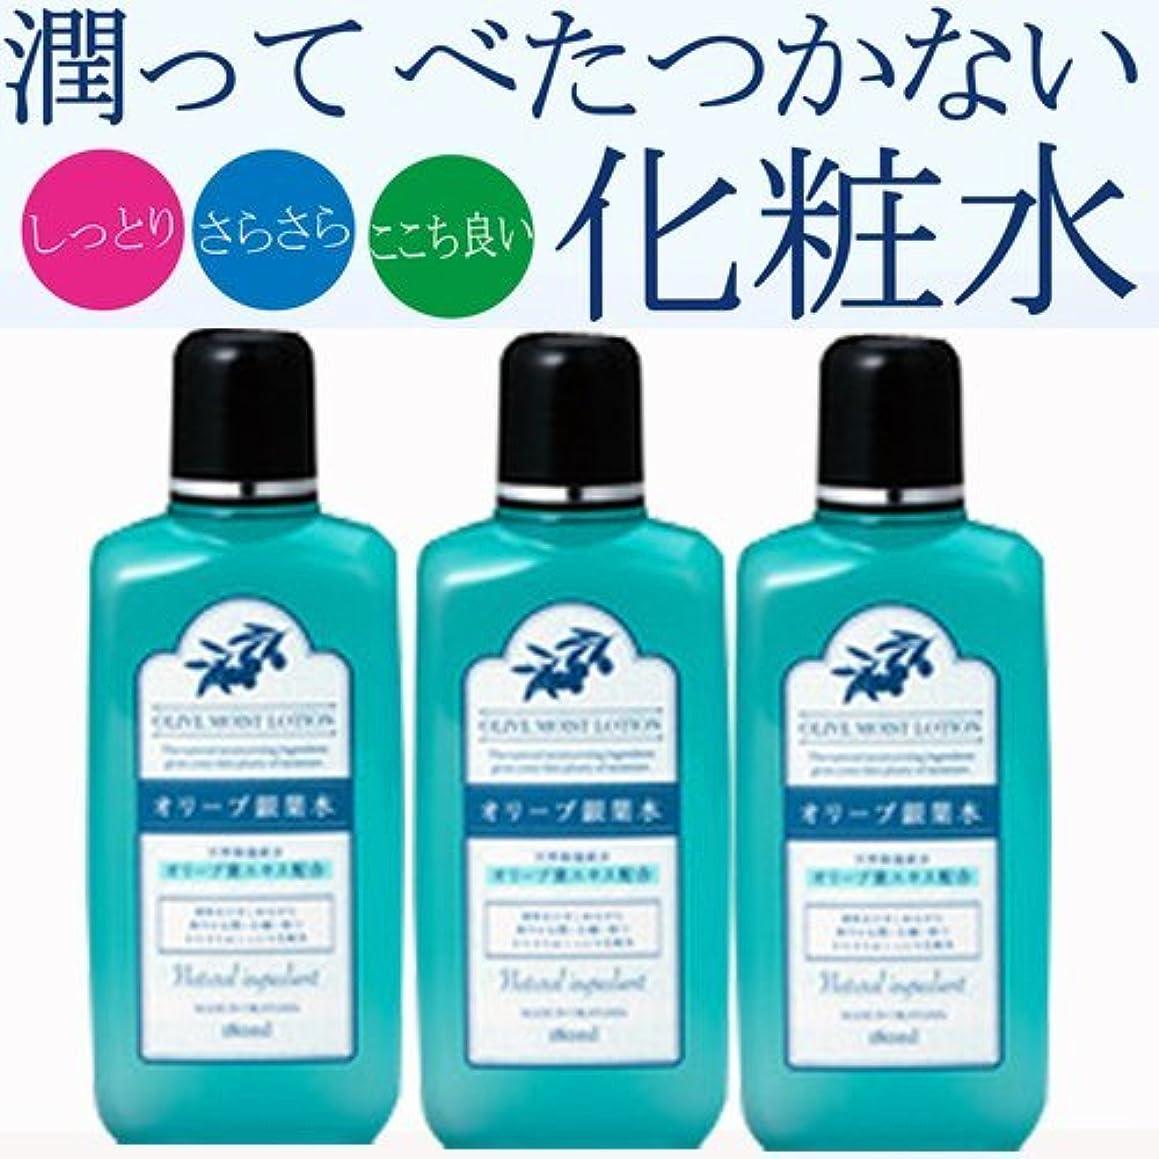 集団海藻祈る【3個】日本オリーブ オリーブマノン リーフローション(銀葉水) 180ml x3個(4965363005917-3)